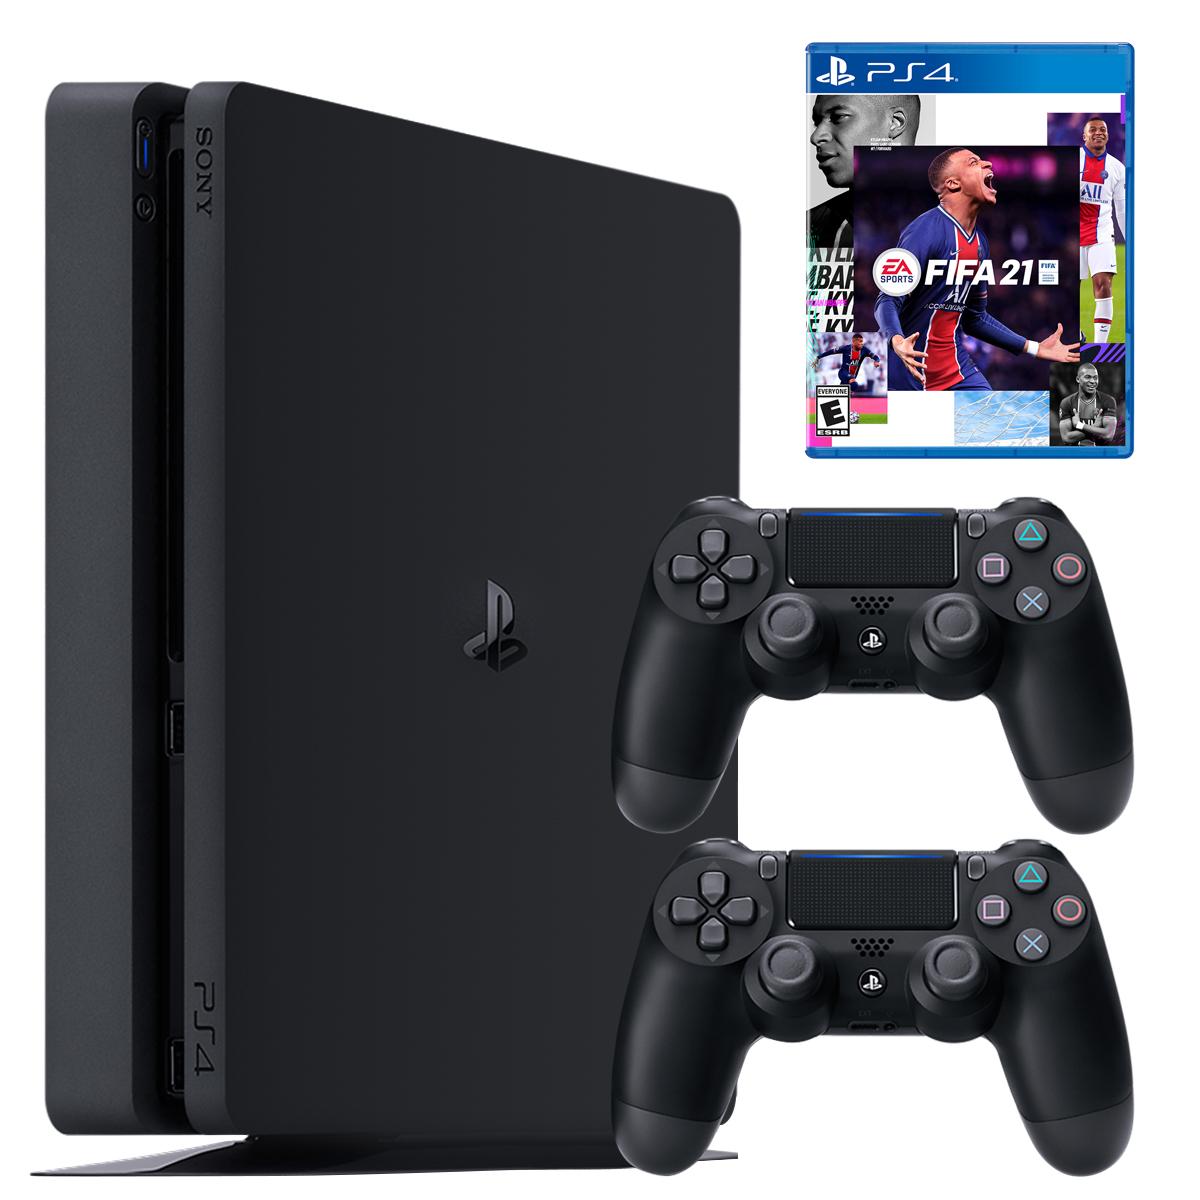 مجموعه کنسول بازی سونی مدل PlayStation 4 Slim ریجن ۳ کد CUH-2218B ظرفیت ۱ ترابایت به همراه بازی فیفا۲۱